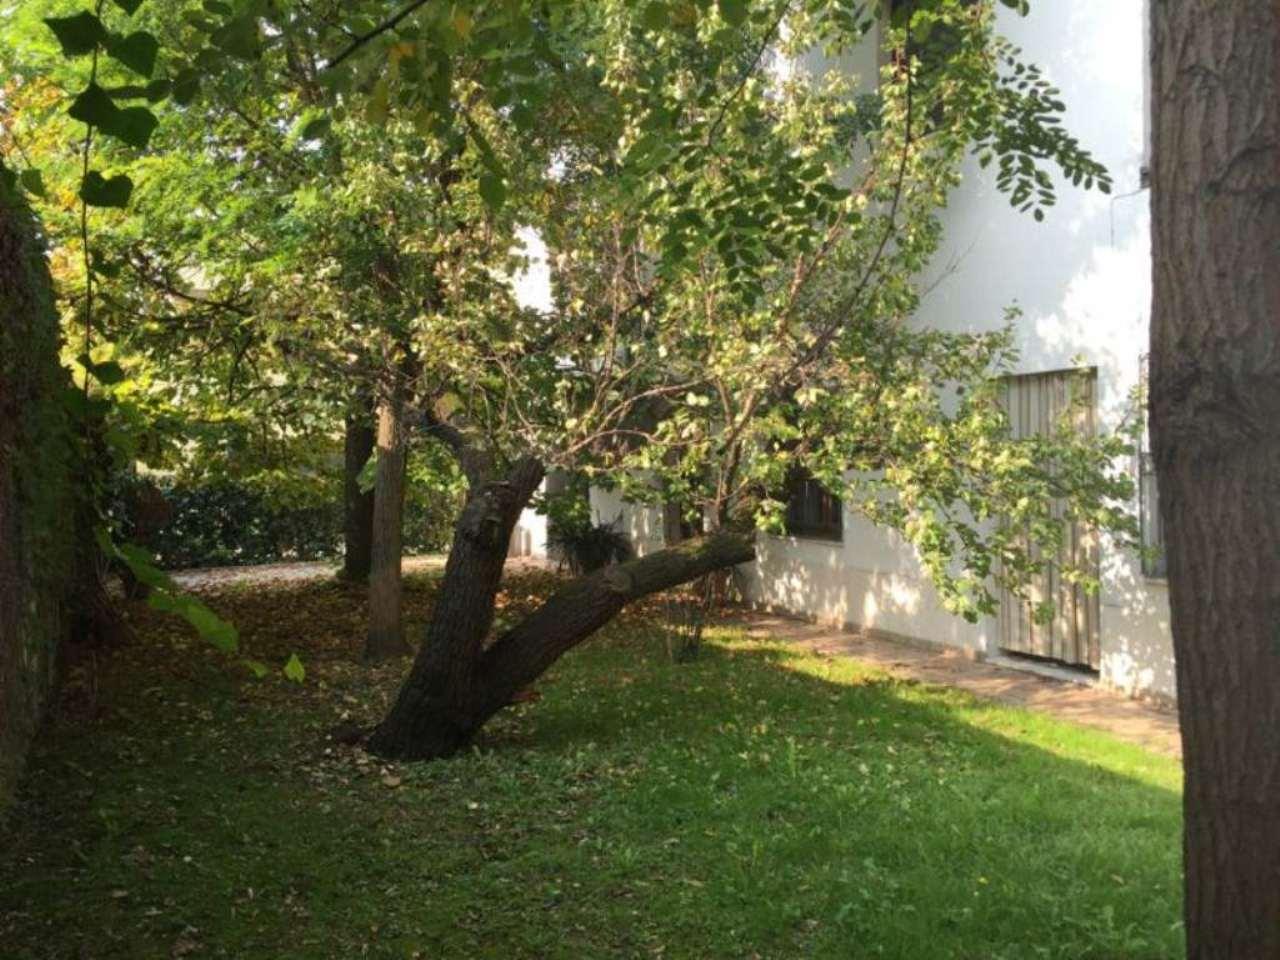 Villa in Vendita a Ravenna Centro: 5 locali, 450 mq